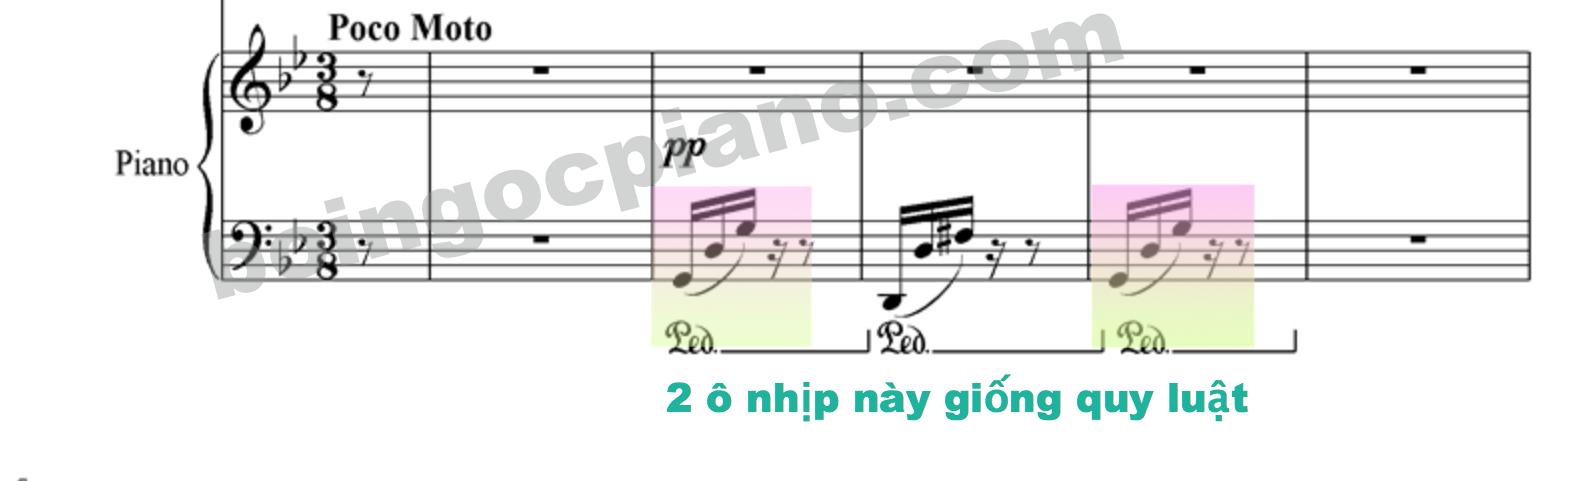 Cách đọc nốt nhạc nhanh hơn khi chơi piano